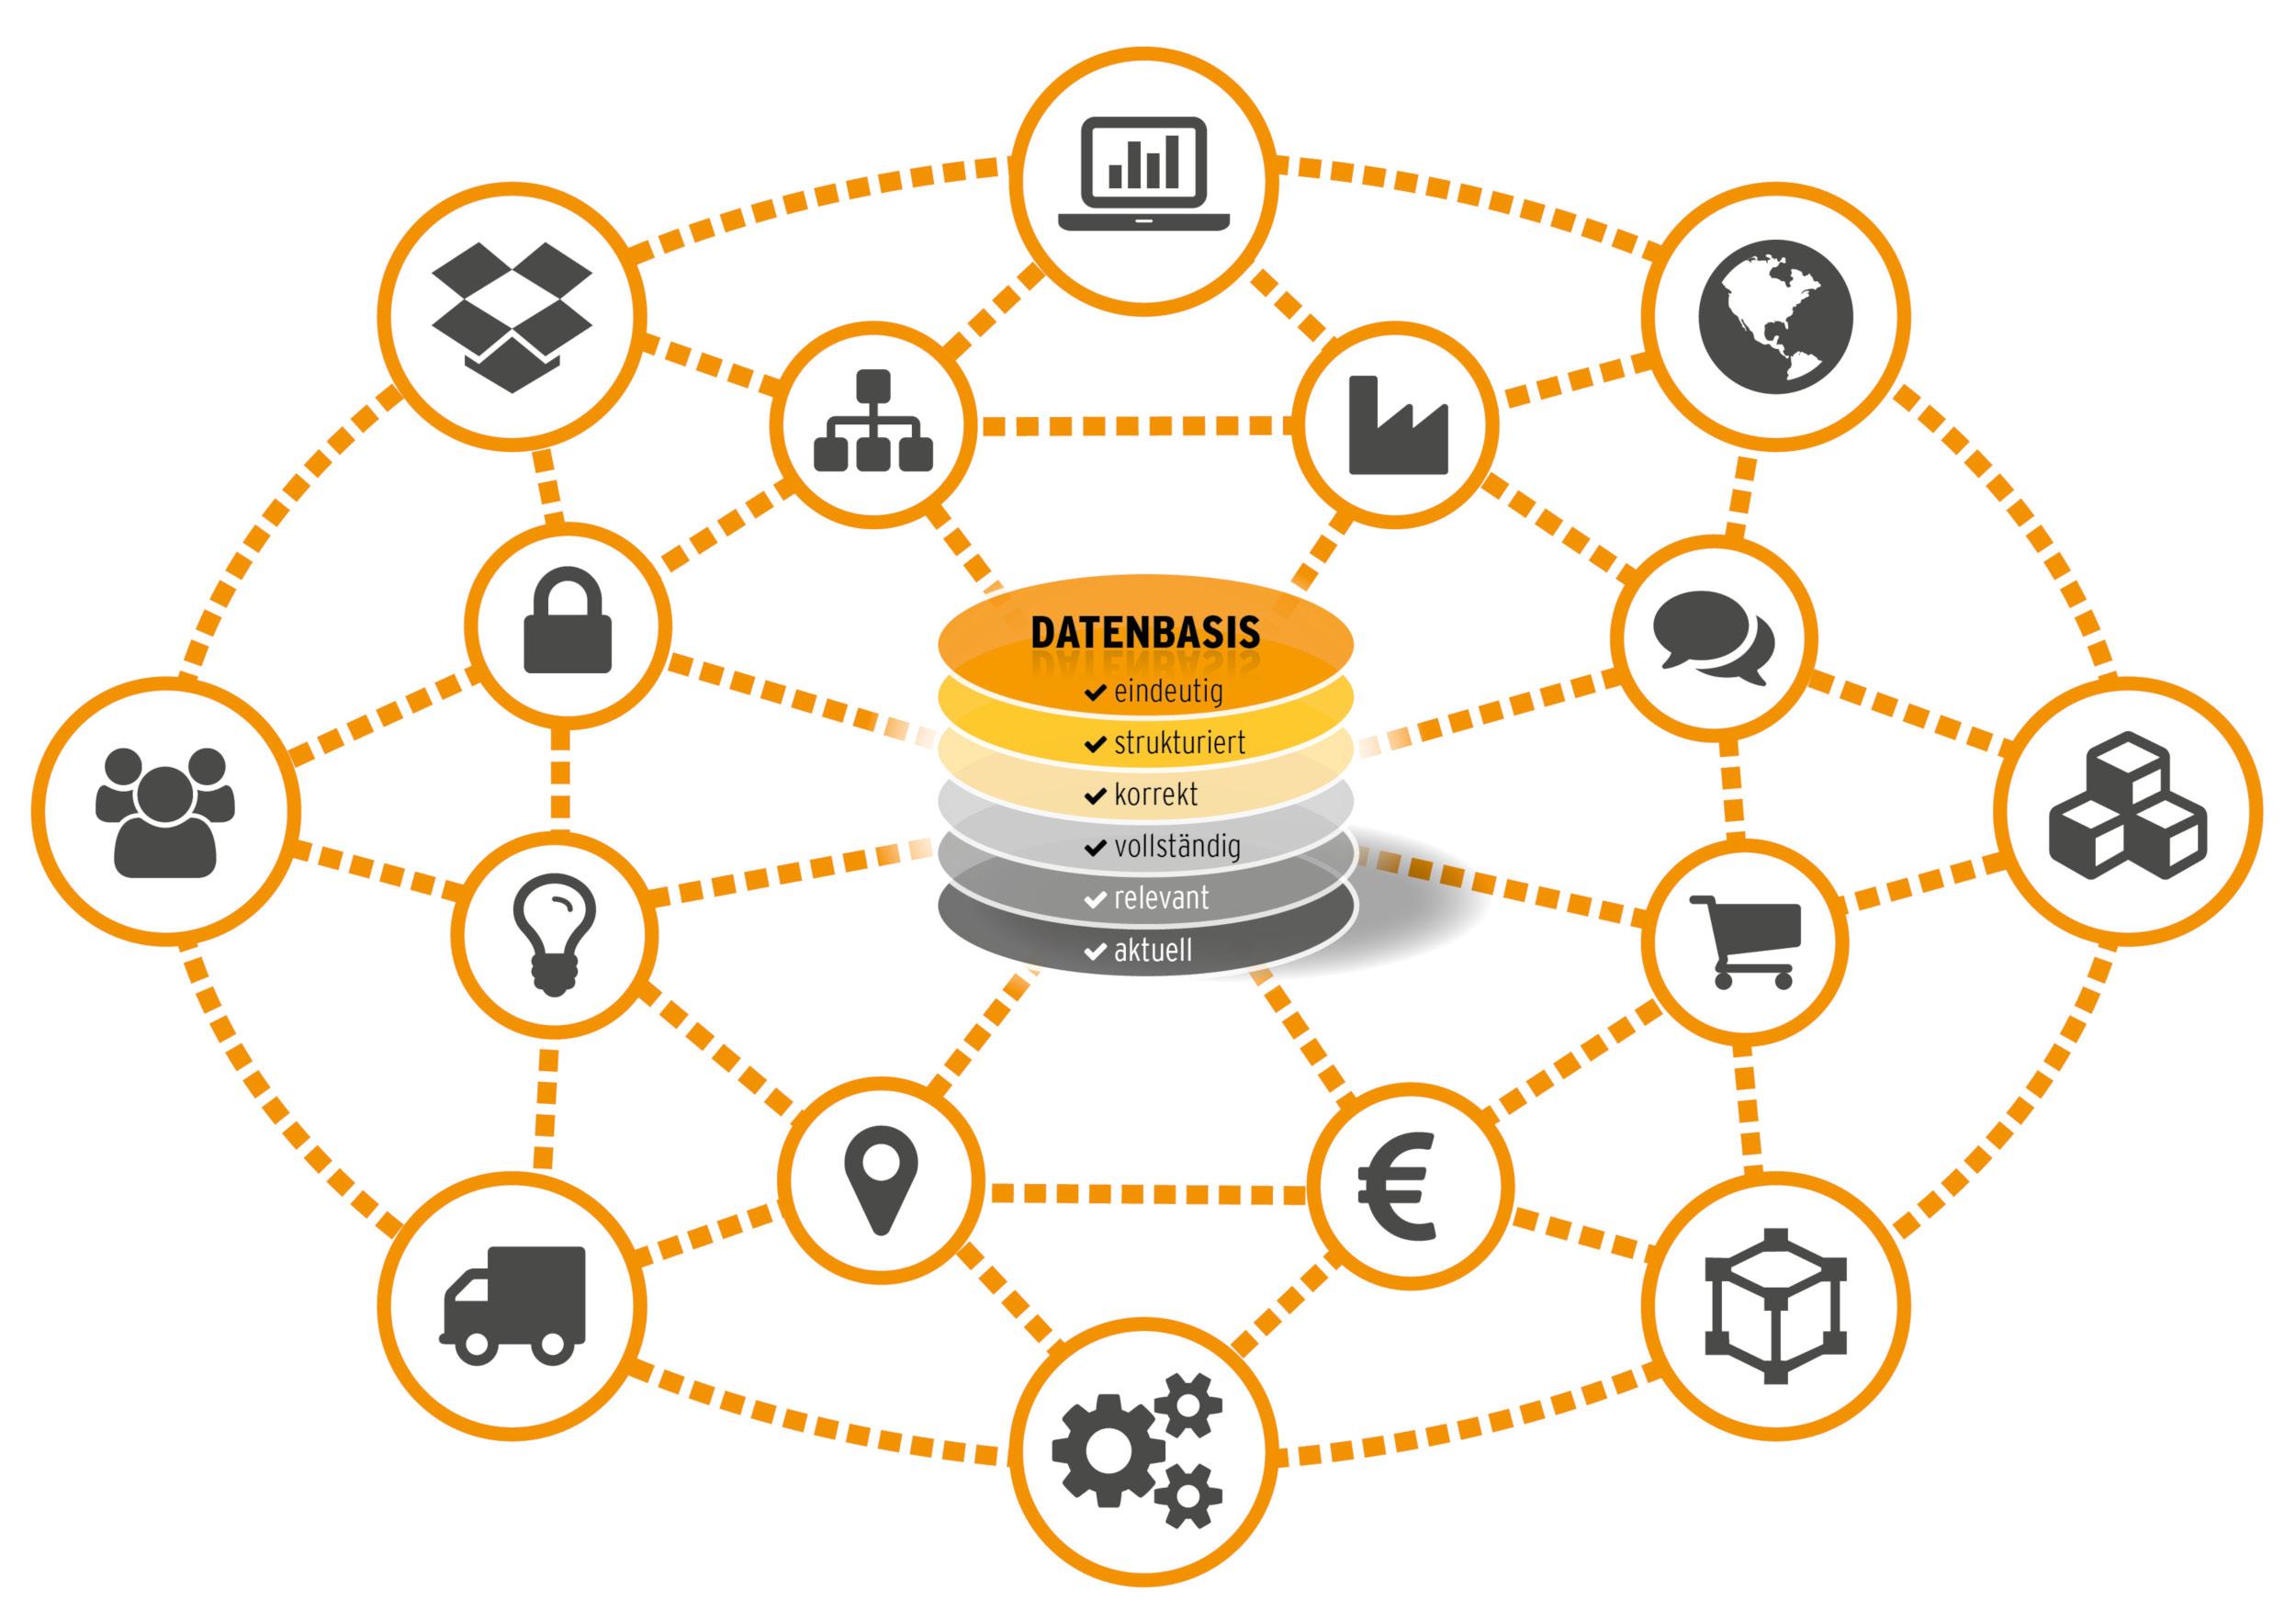 Eine solide Datenbasis bildet die Grundlage für Digitalisierungsschritte